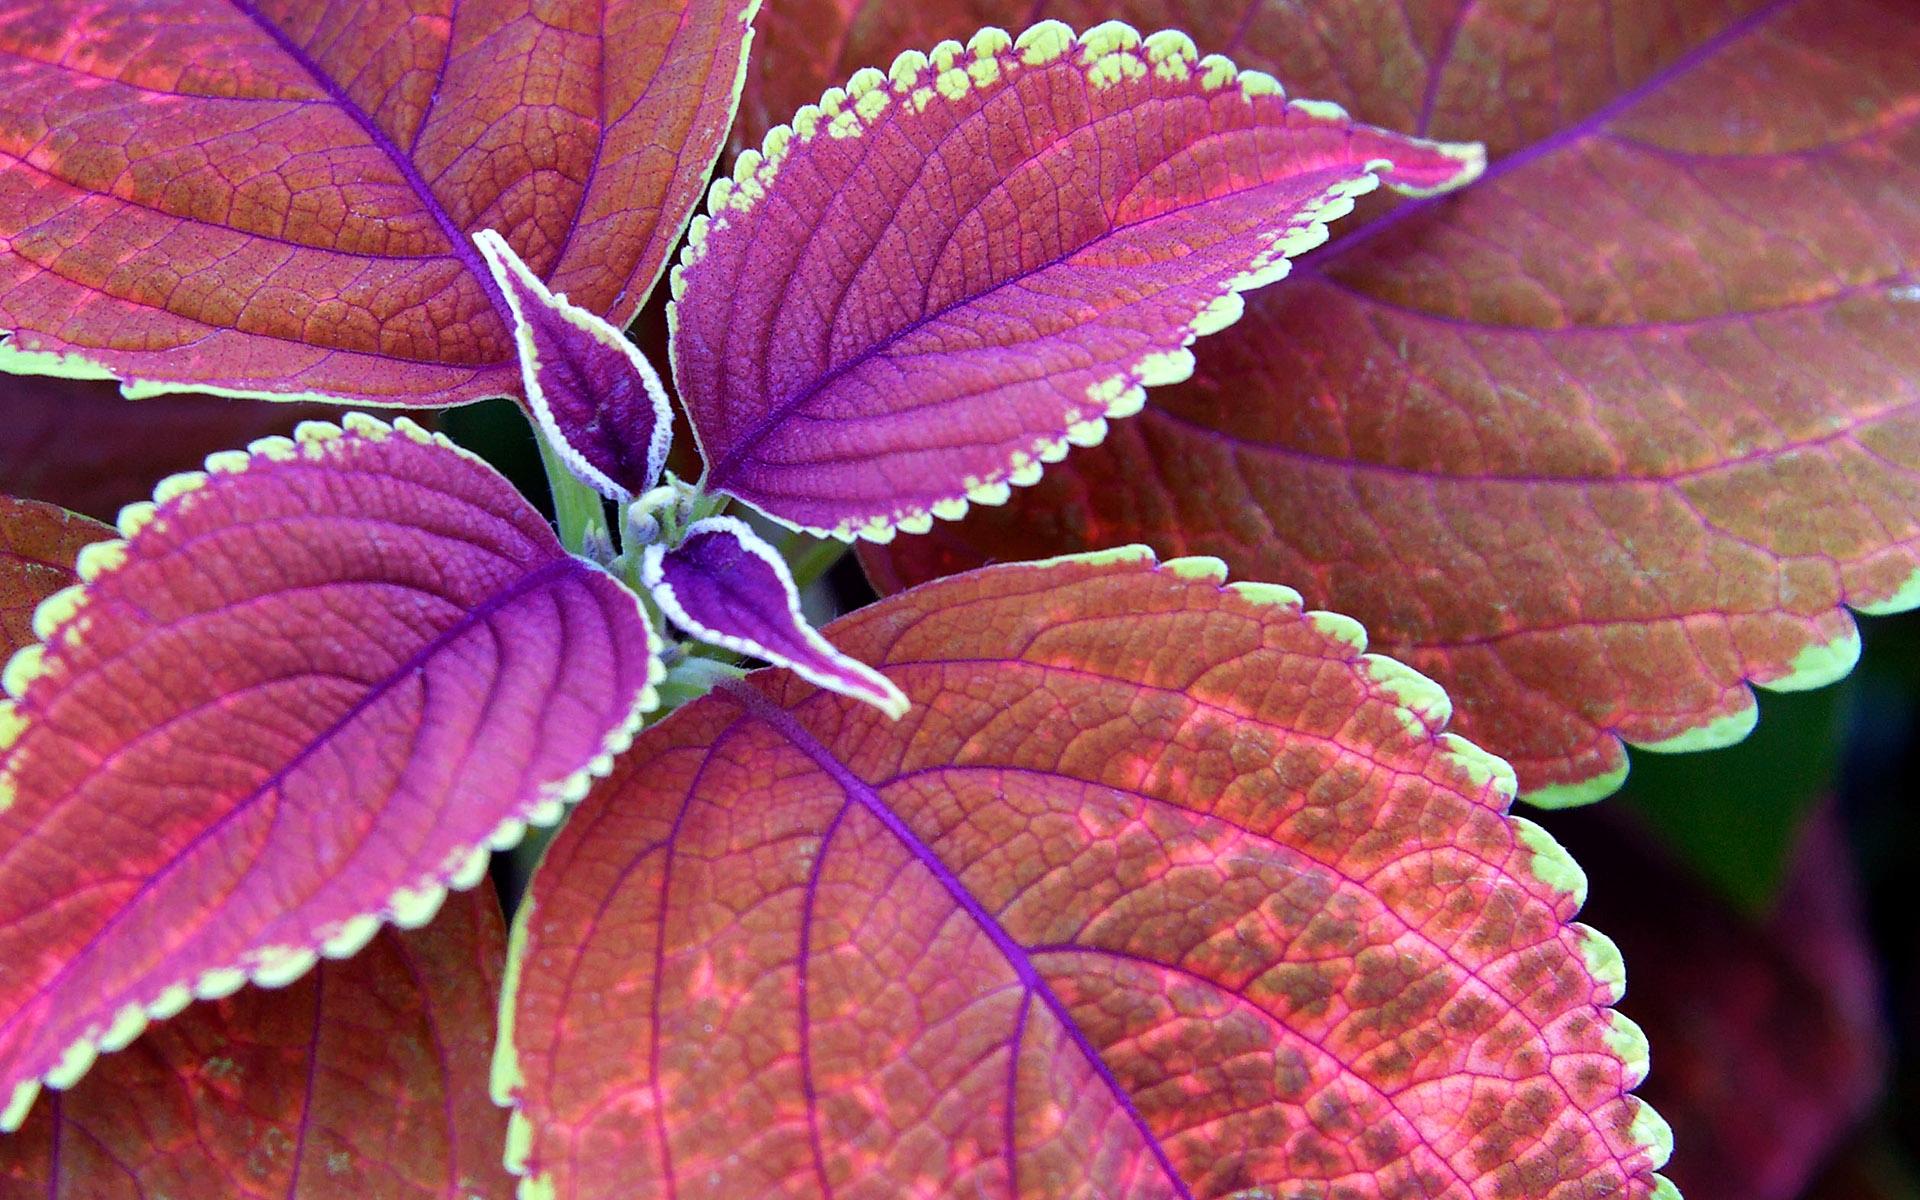 Wallpaper  Daundaun ungu berwarna merah muda coretan